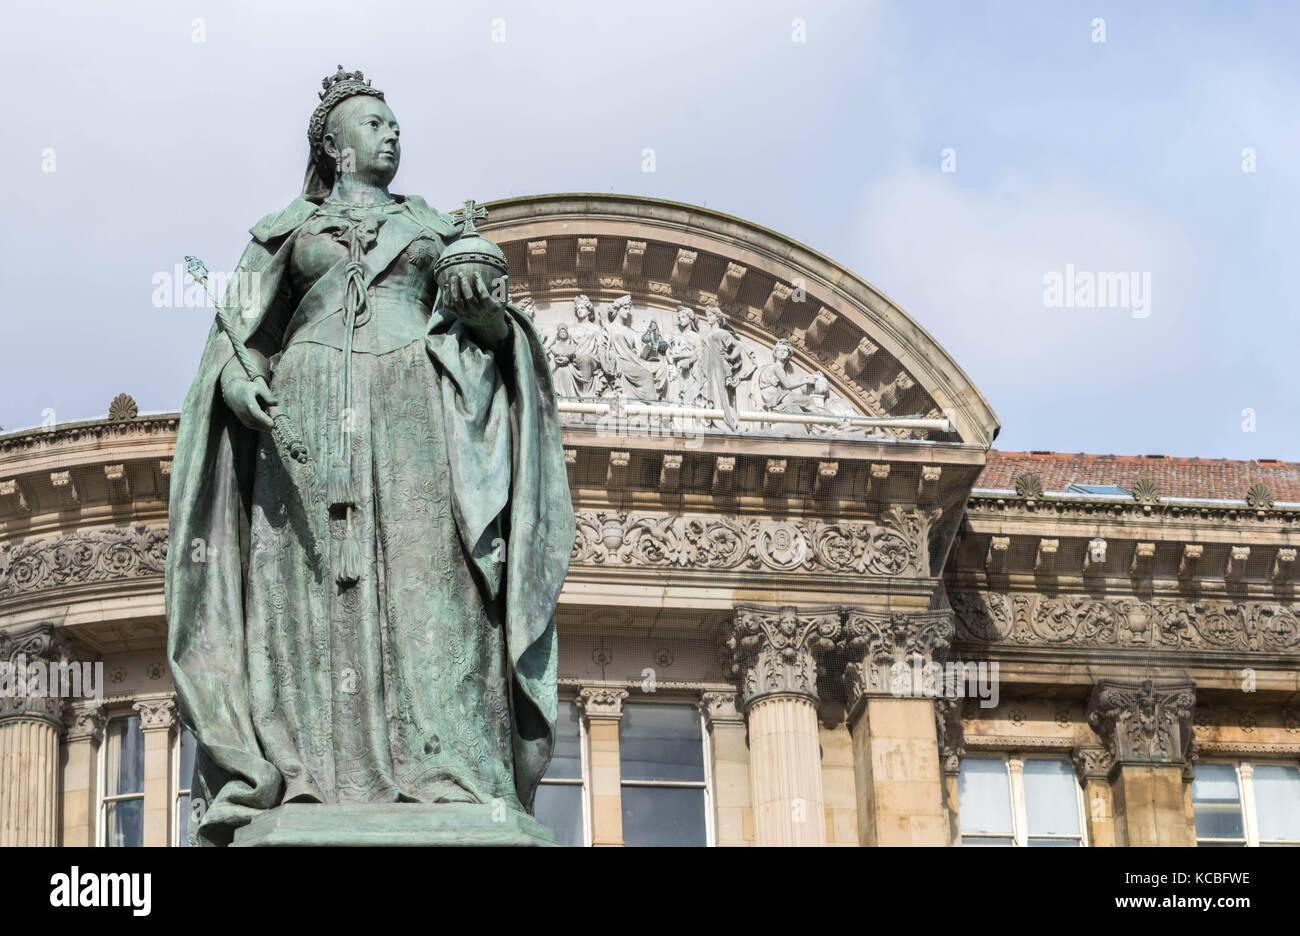 Birmingham, UK, October 3rd, 2017 : Statue of Queen Victoria in Birmingham,UK, Birmingham city council in the background Stock Photo